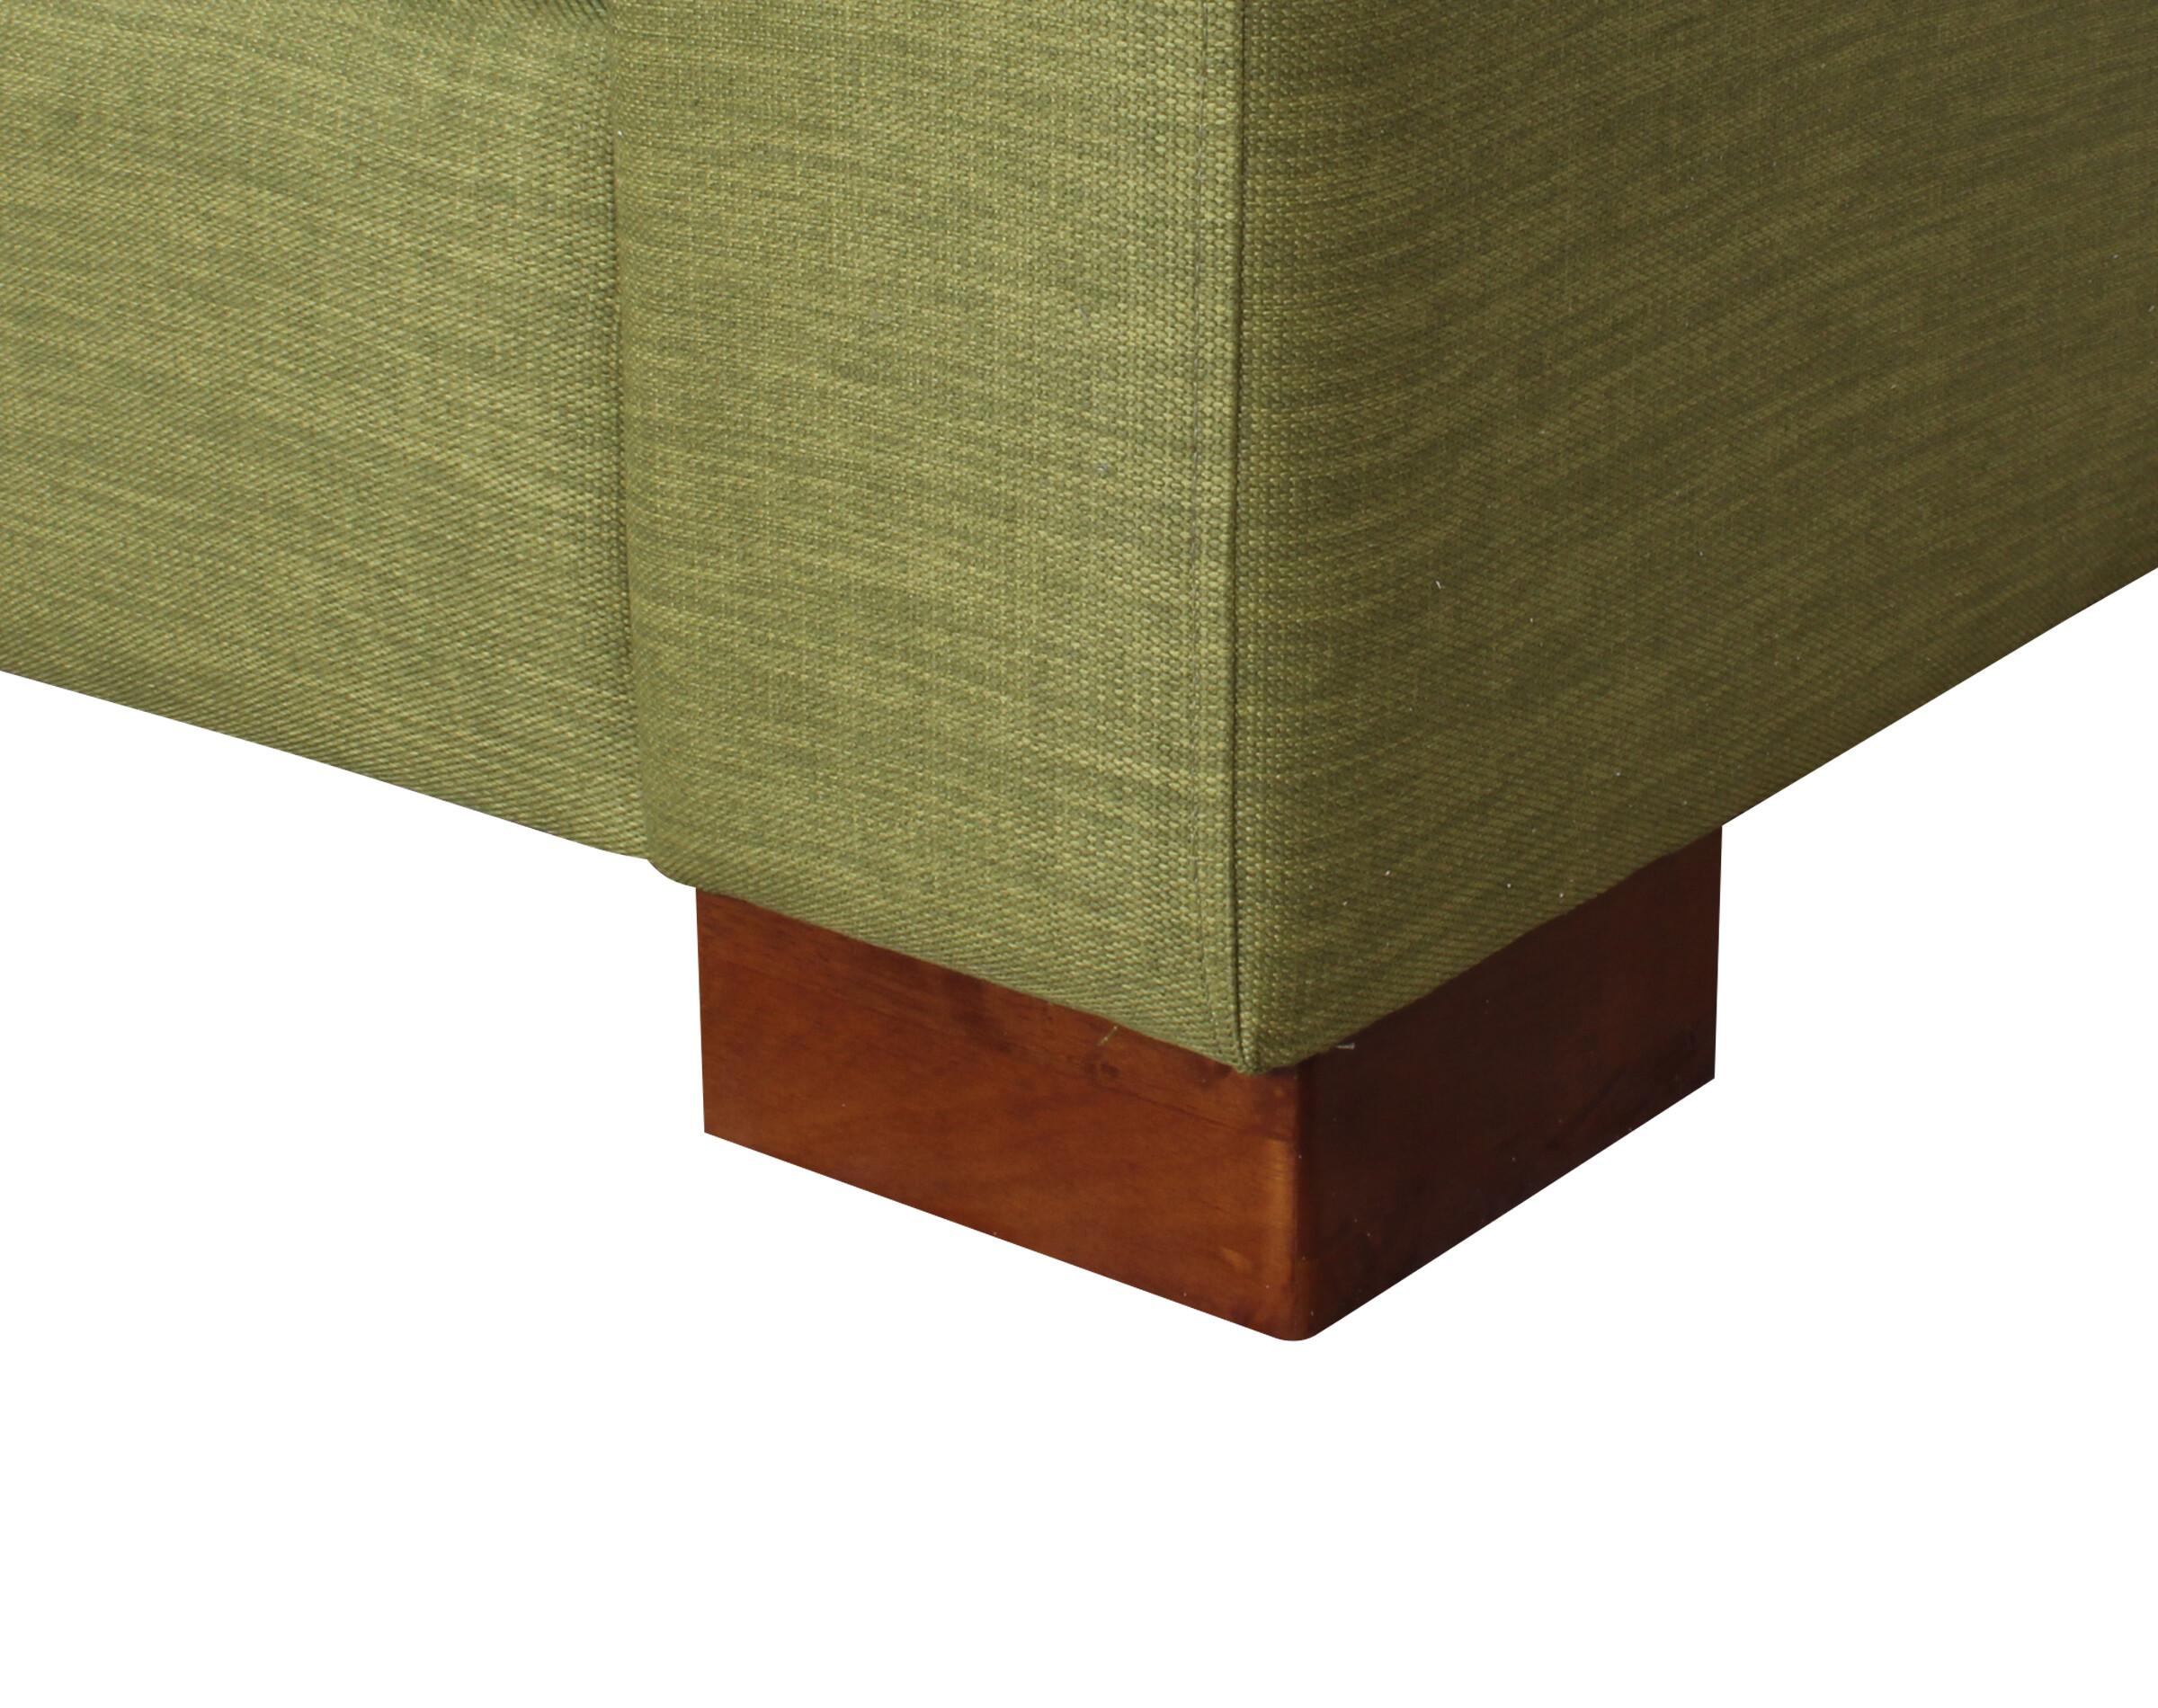 Sofa Thomas 3 Divisiones Pata